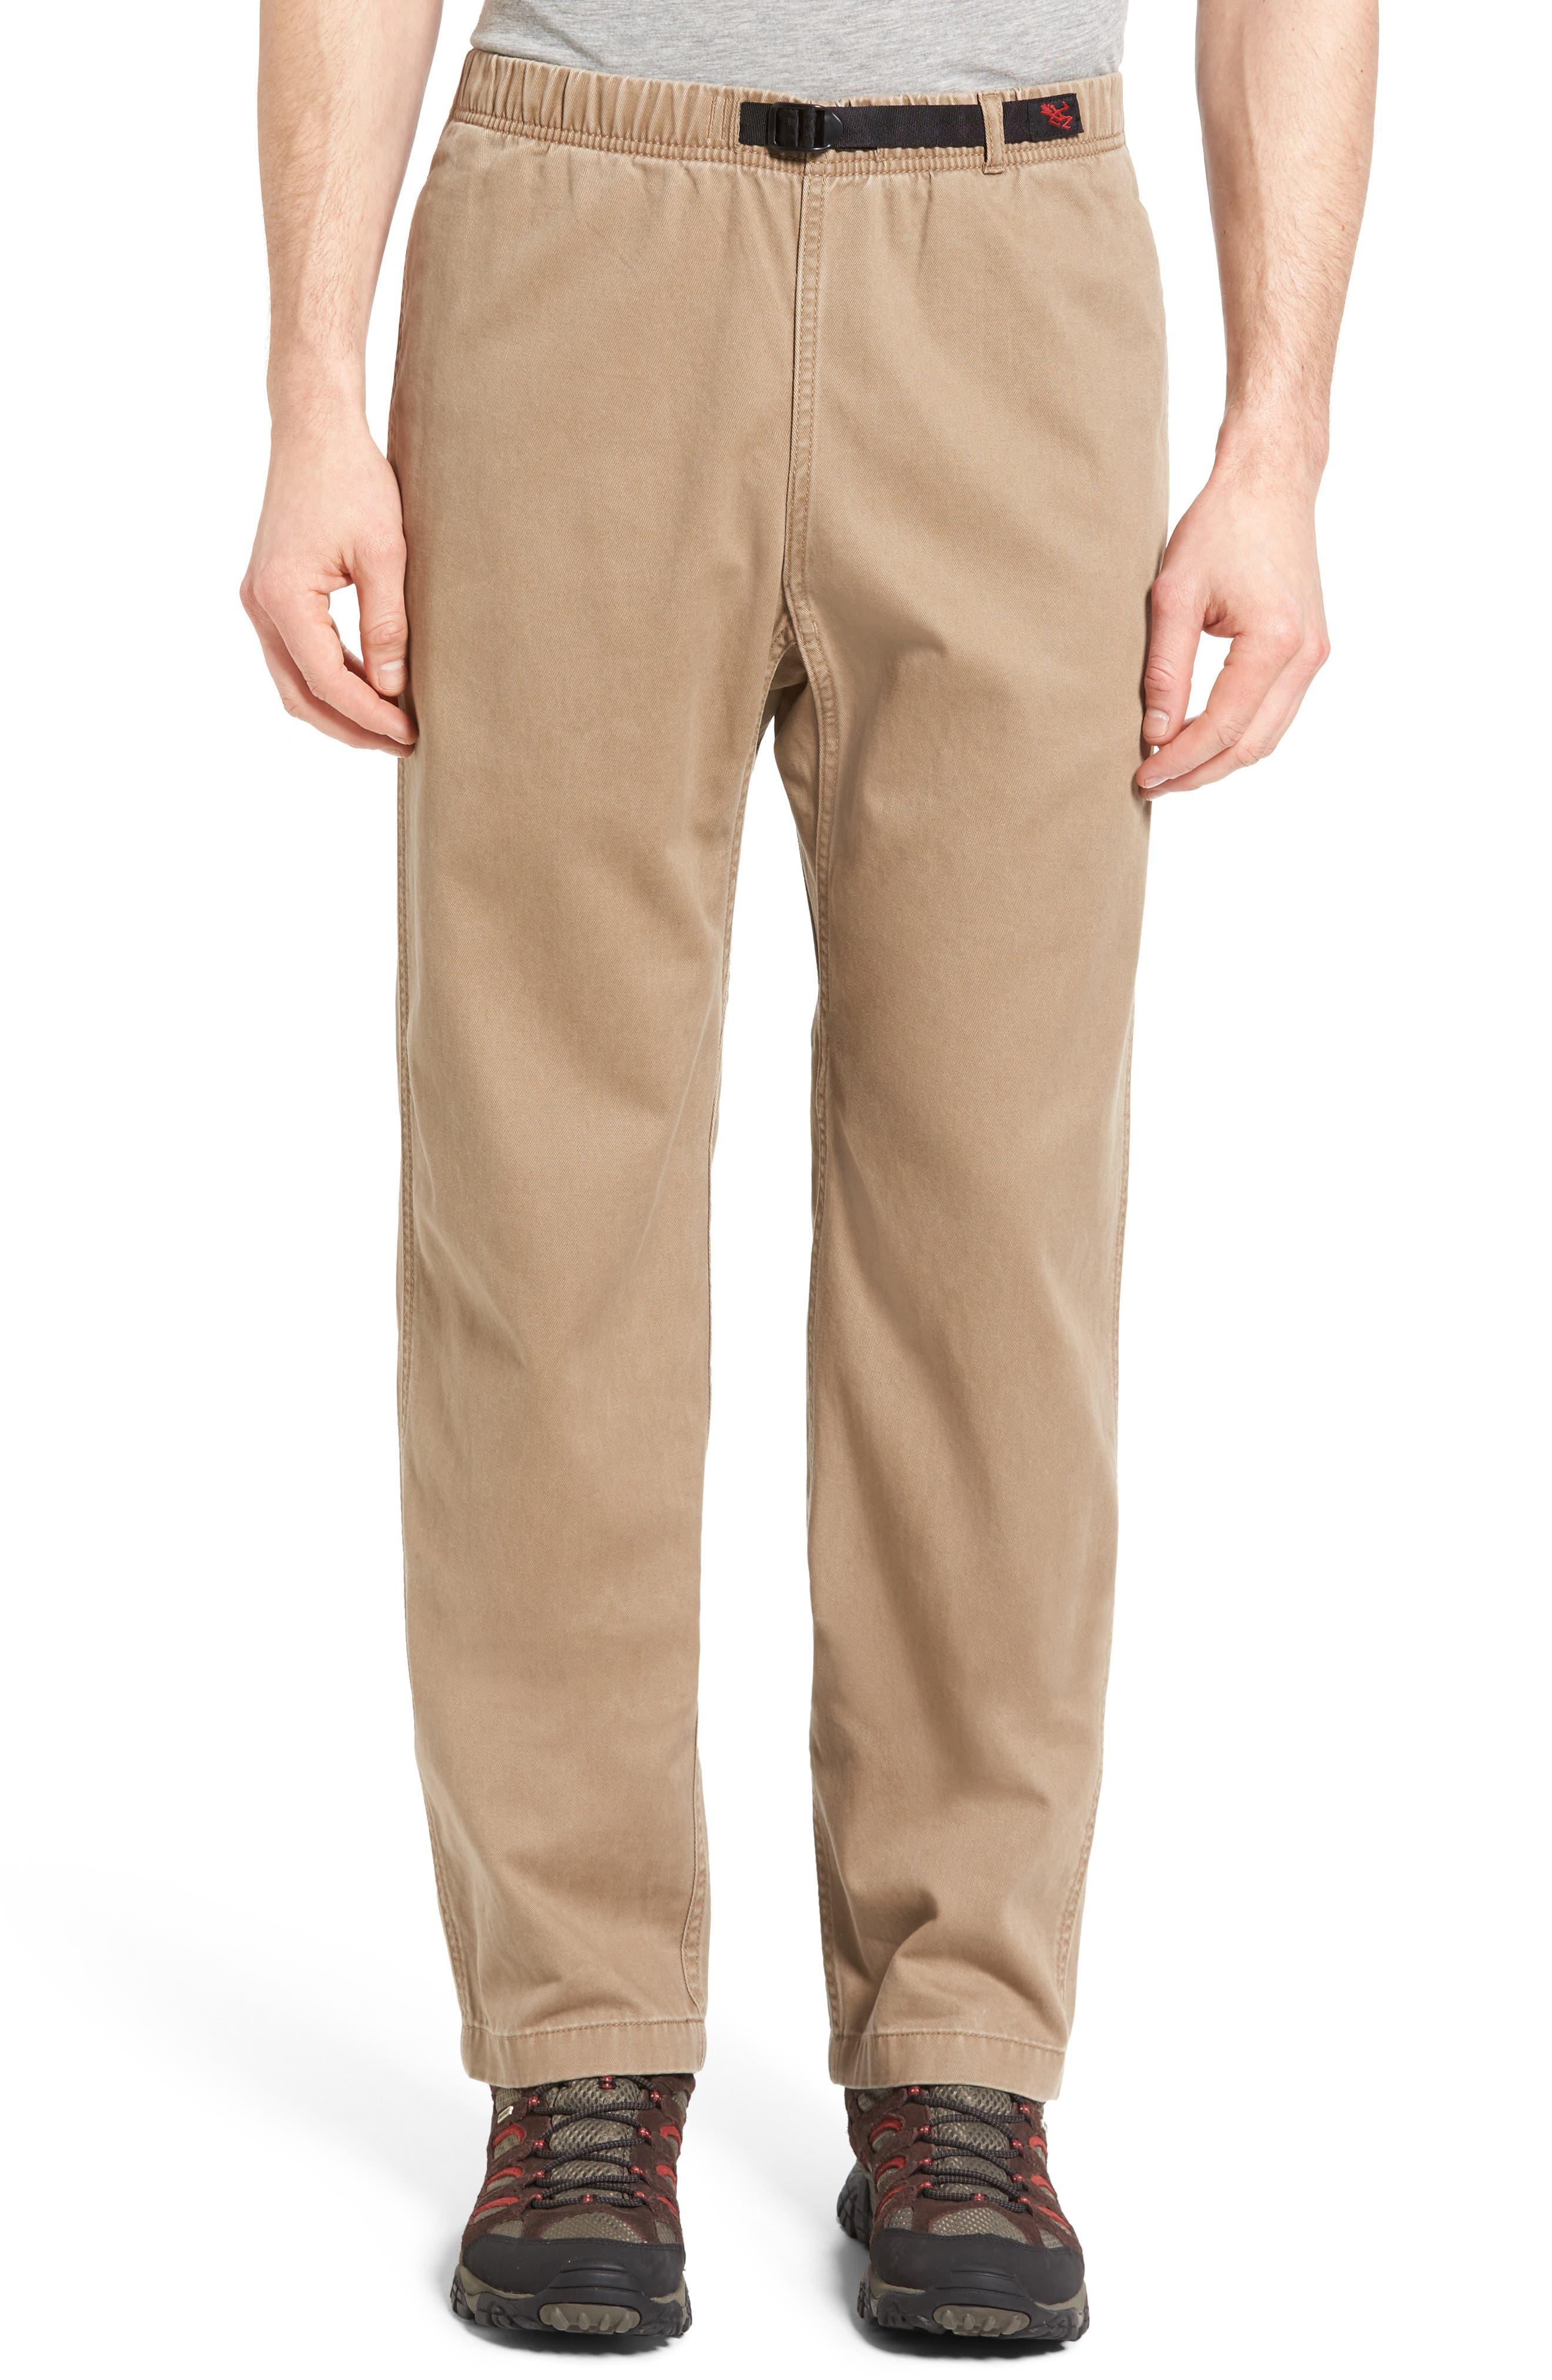 Original G Twill Climbing Pants,                         Main,                         color, Sahara Tan